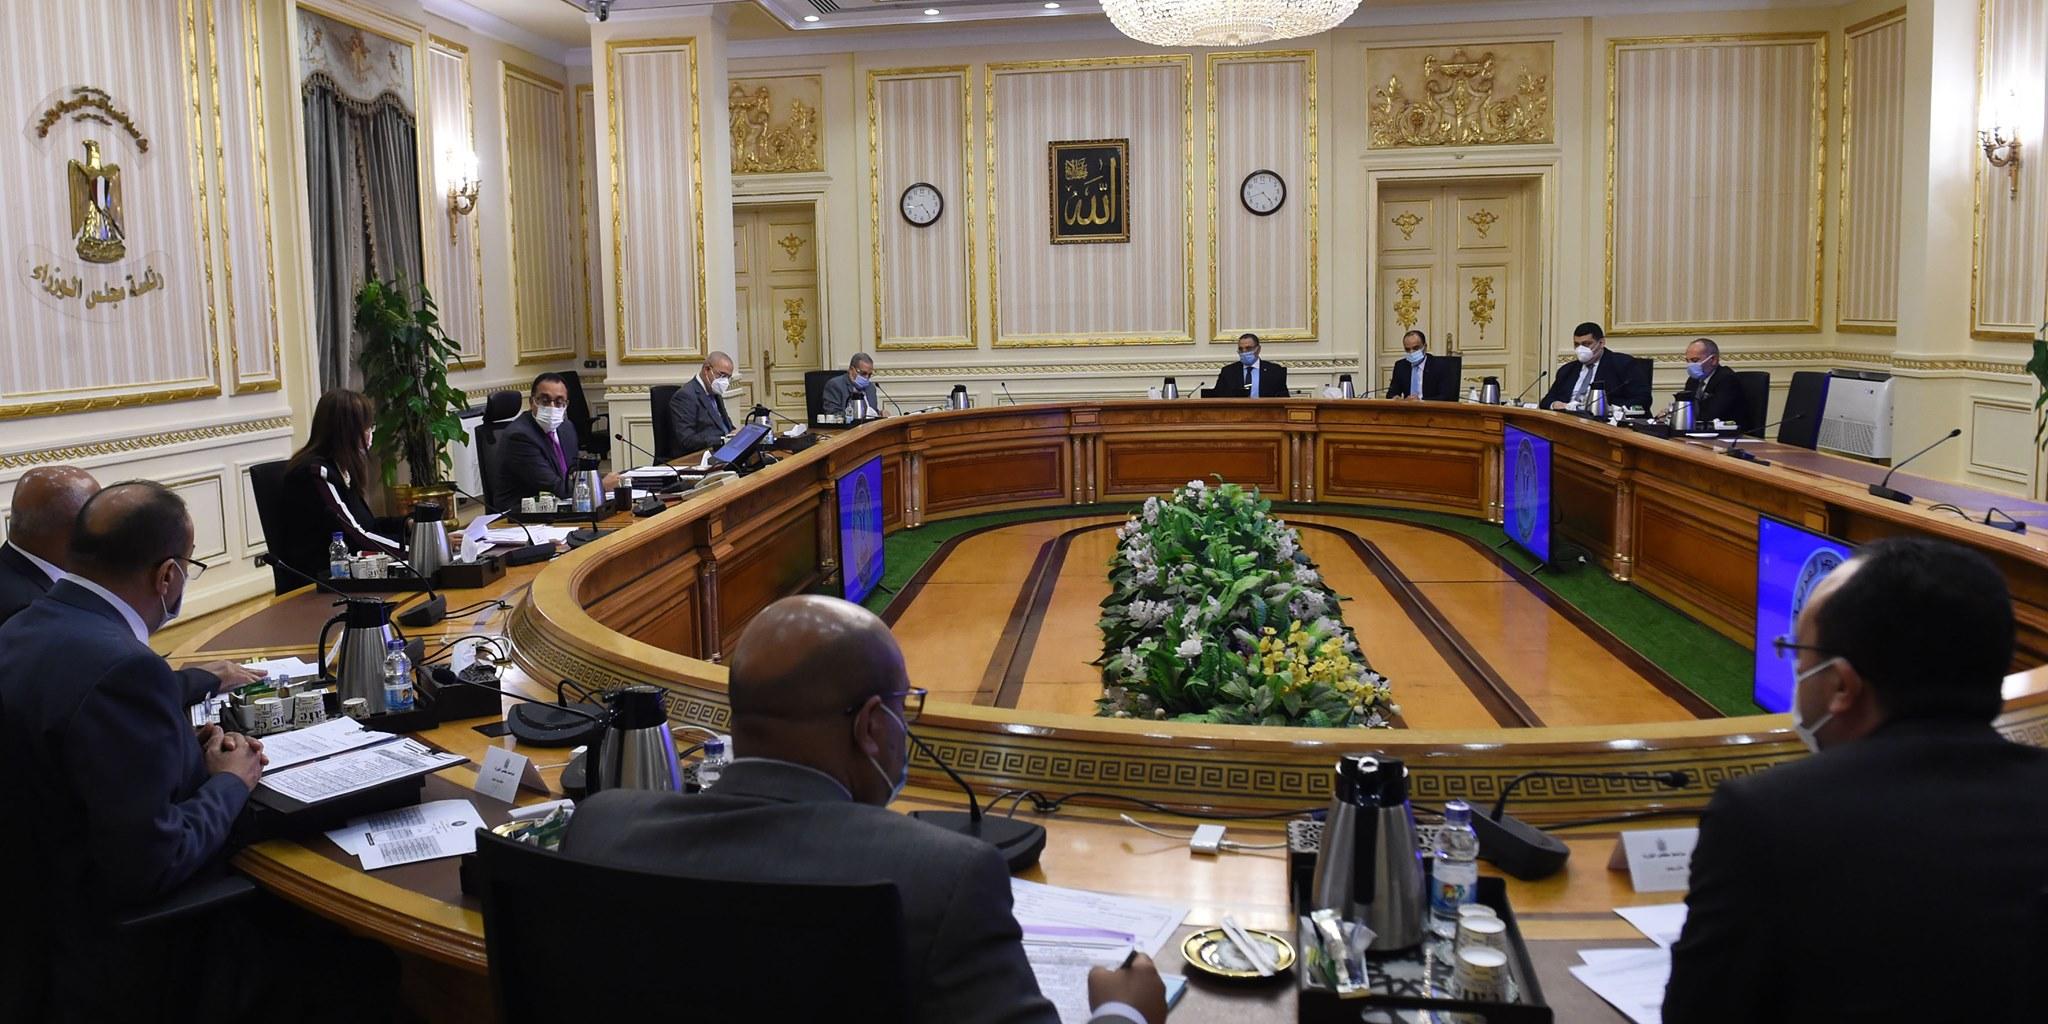 صور | رئيس الوزراء يتابع جهود حصر أصول الدولة غير المستغلة وتنظيم التصرف فيها